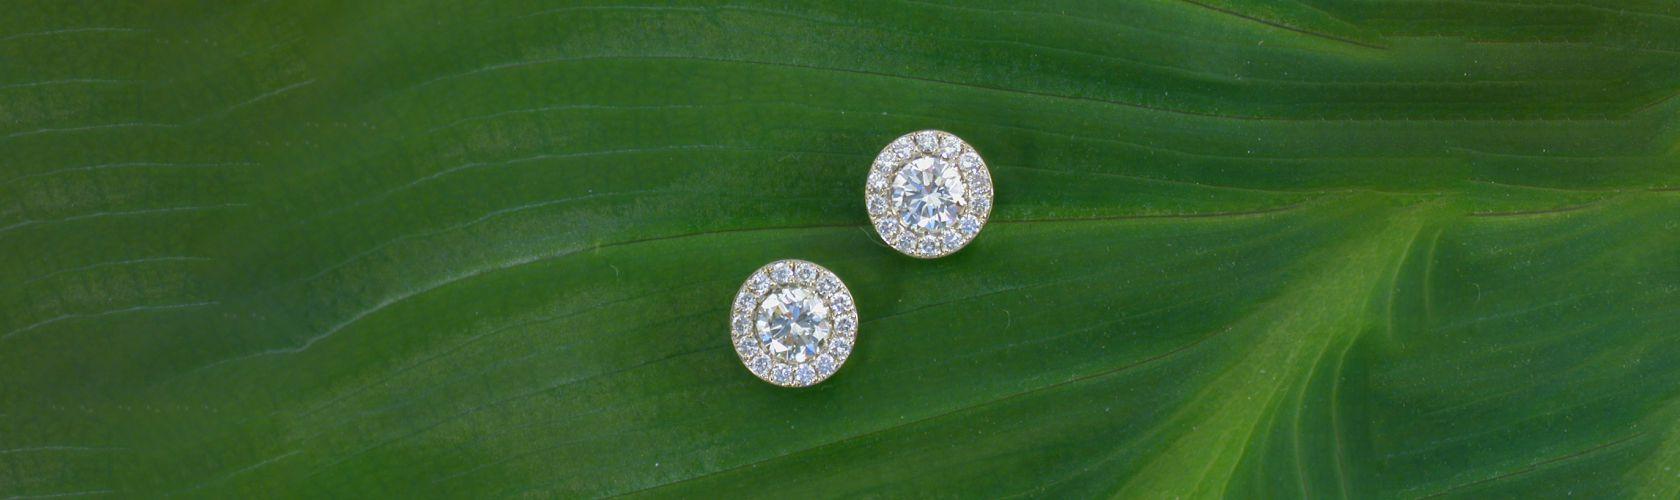 Boucles d'oreilles boutons diamants avec entourage diamants, création David Mann